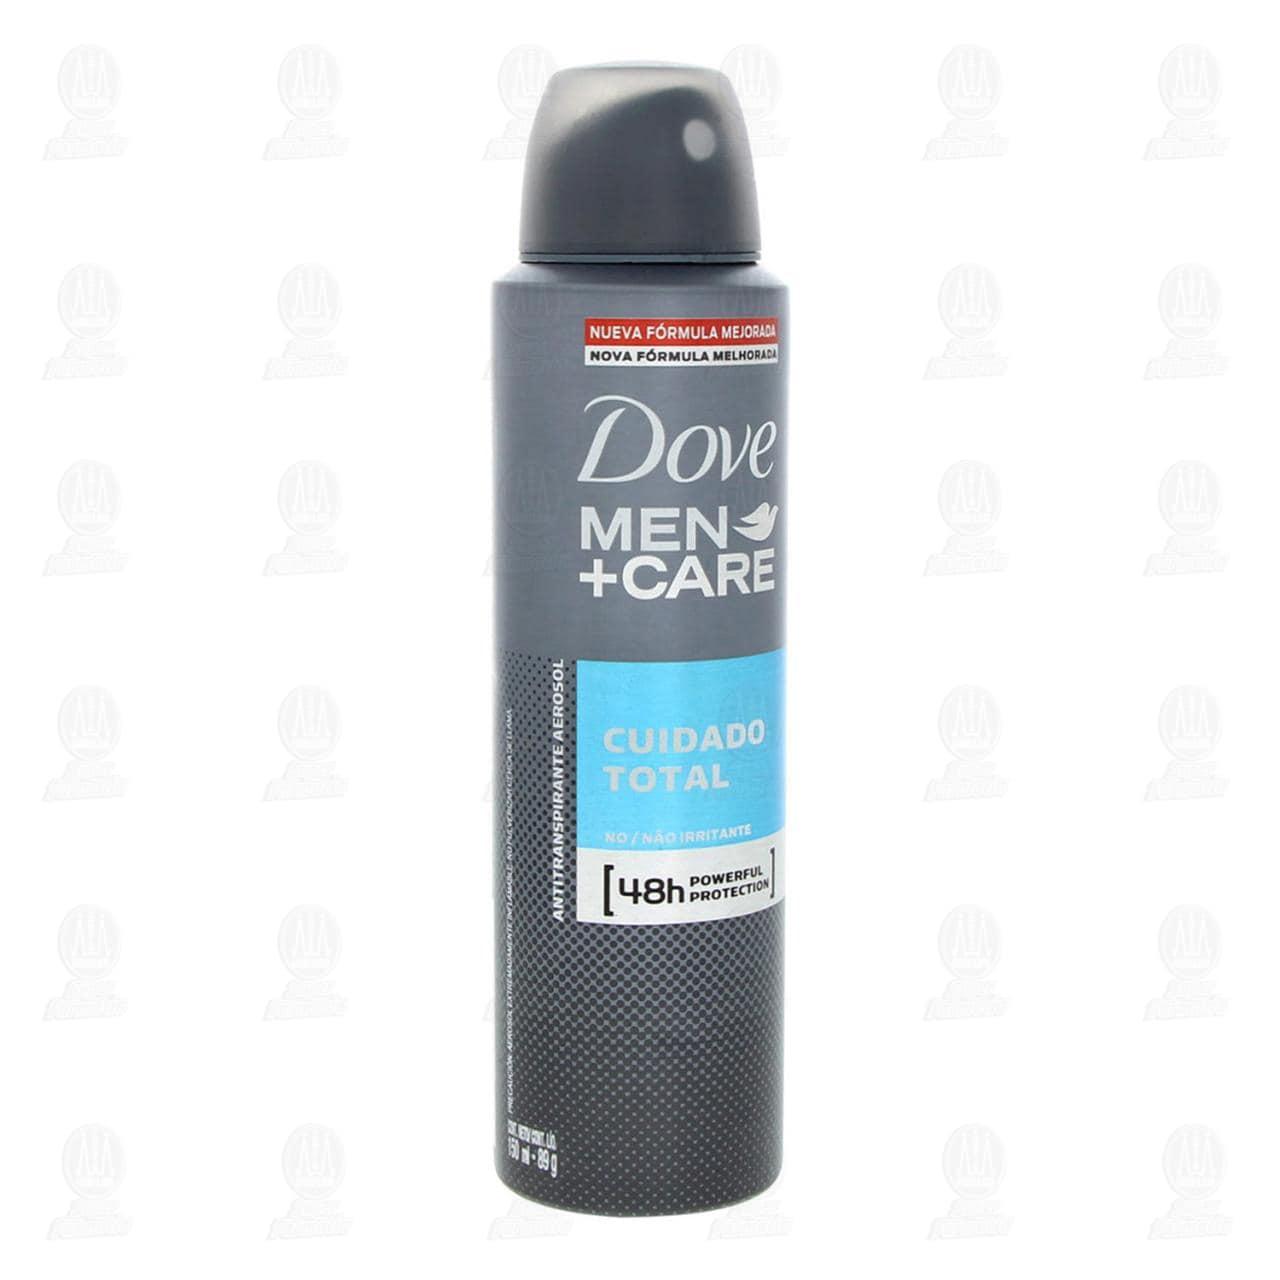 Comprar Antitranspirante Dove Men+Care Cuidado Total en Aerosol, 150 ml. en Farmacias Guadalajara